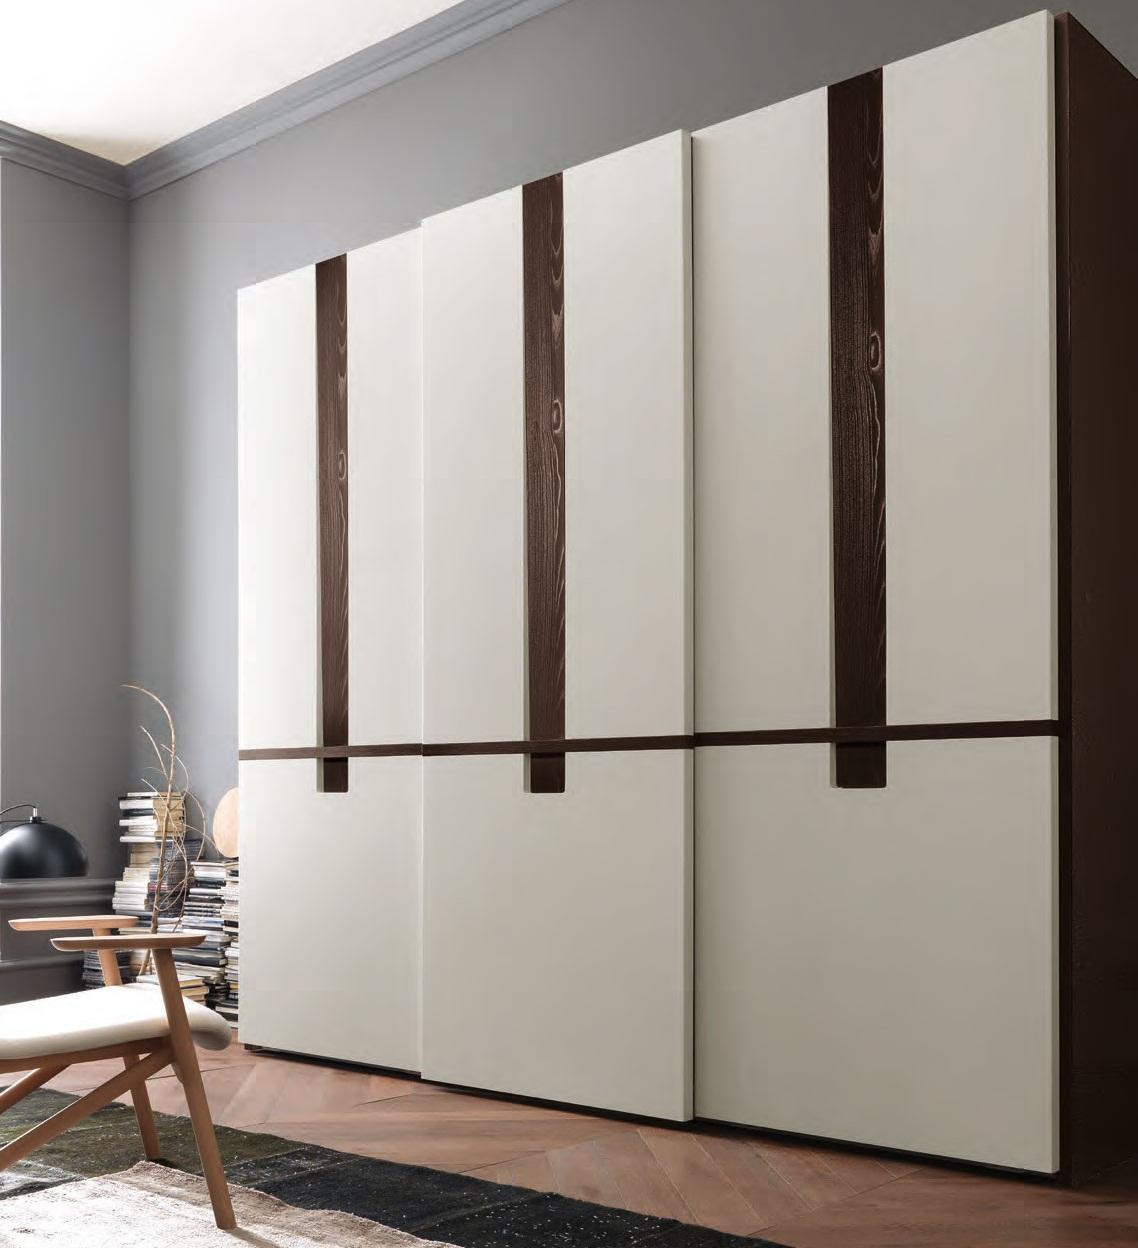 Авторский современный шкаф вполне может стать центром комнаты